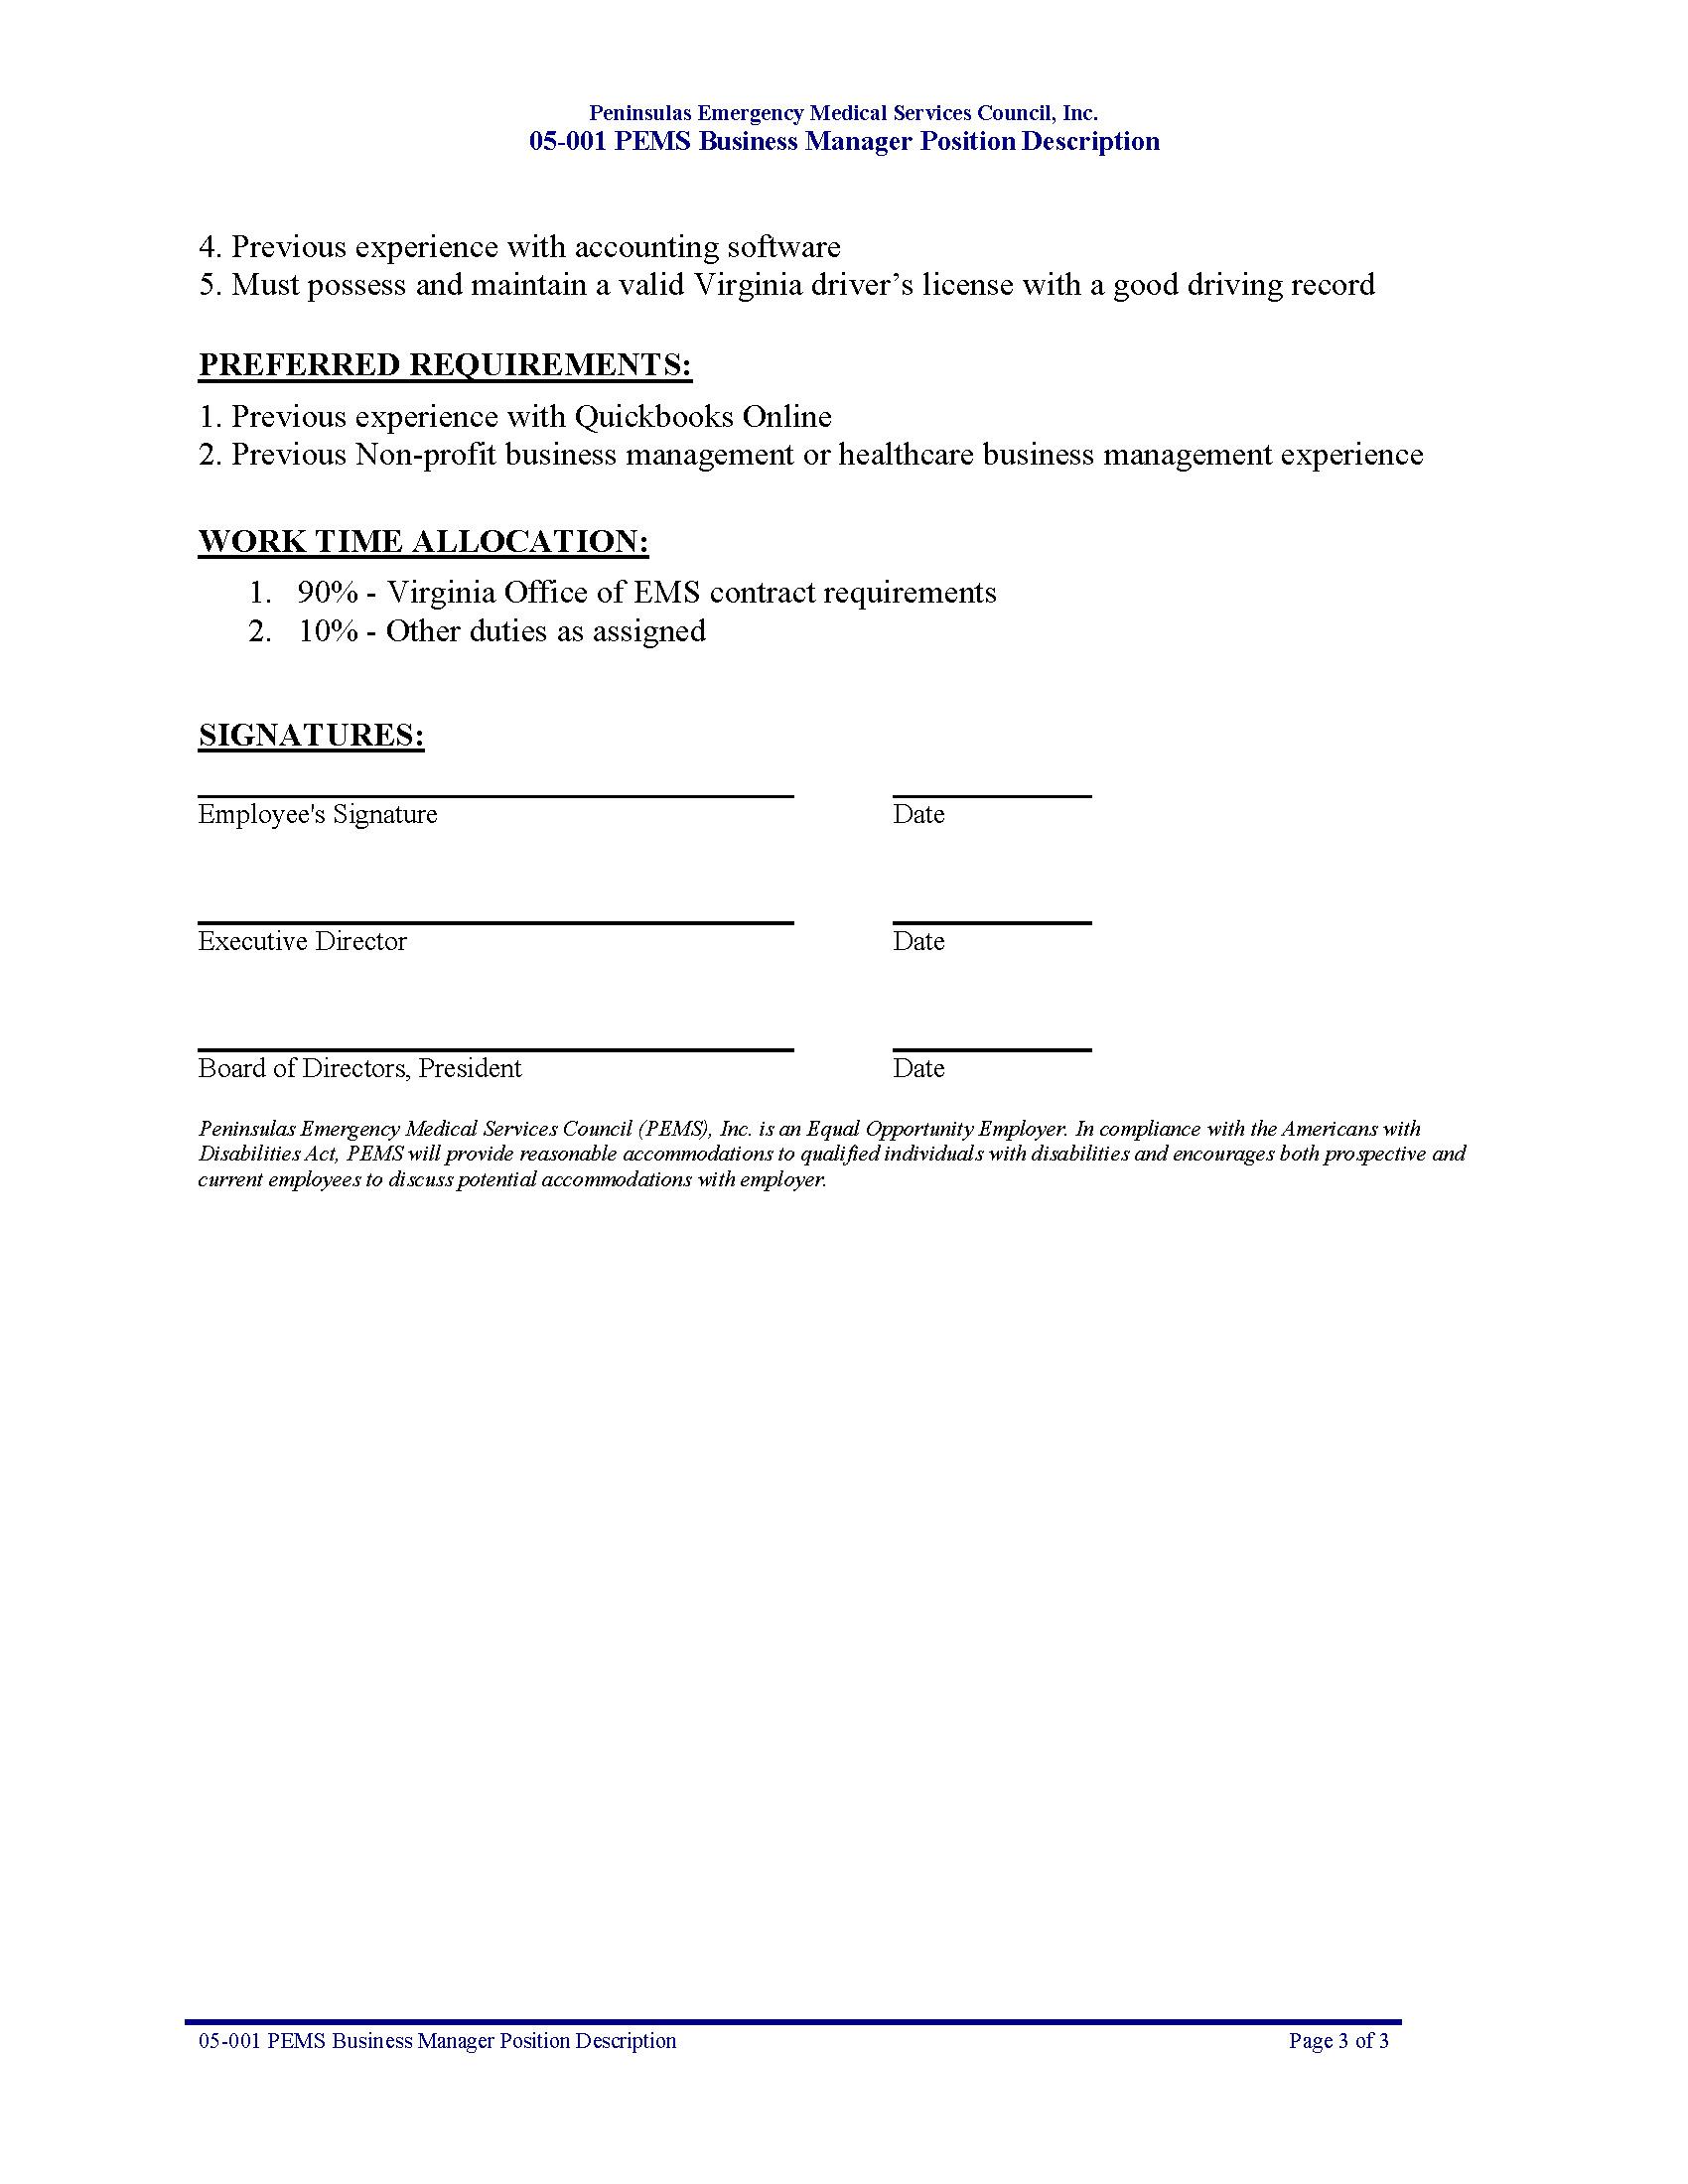 05-001 PEMS Business Manager Position Description - Peninsulas EMS